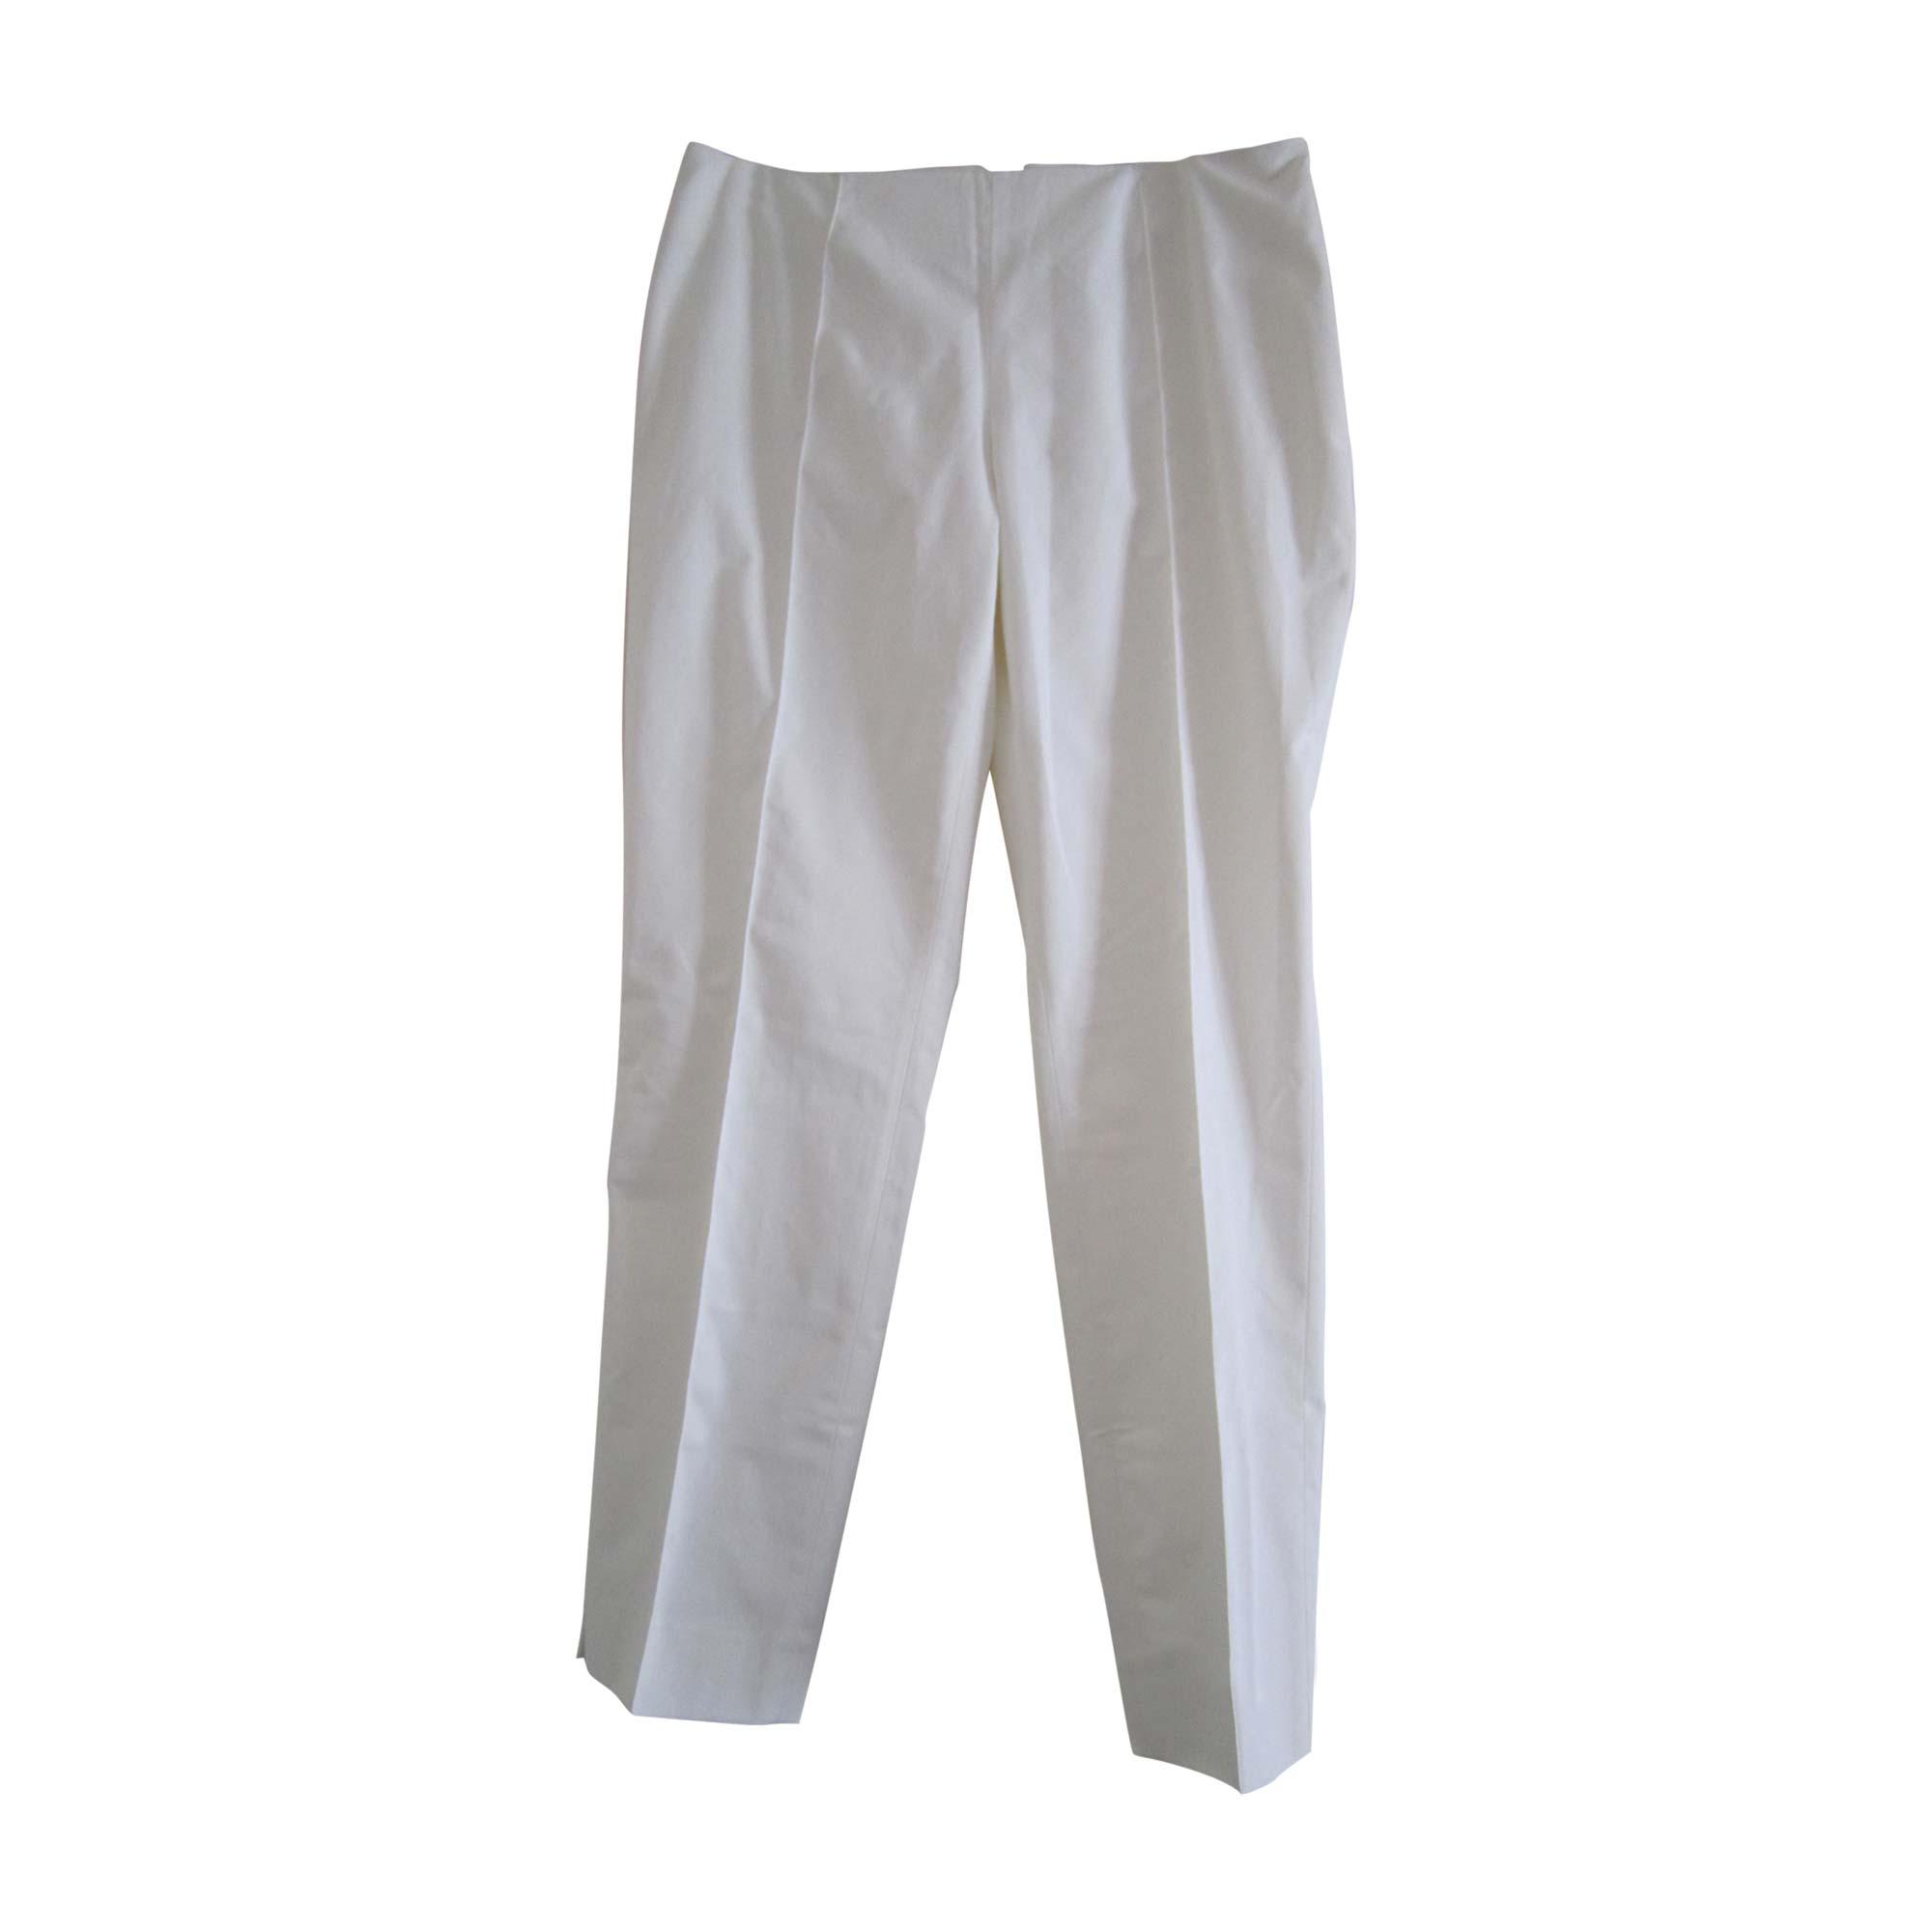 Pantalon droit EMILIO PUCCI Blanc, blanc cassé, écru